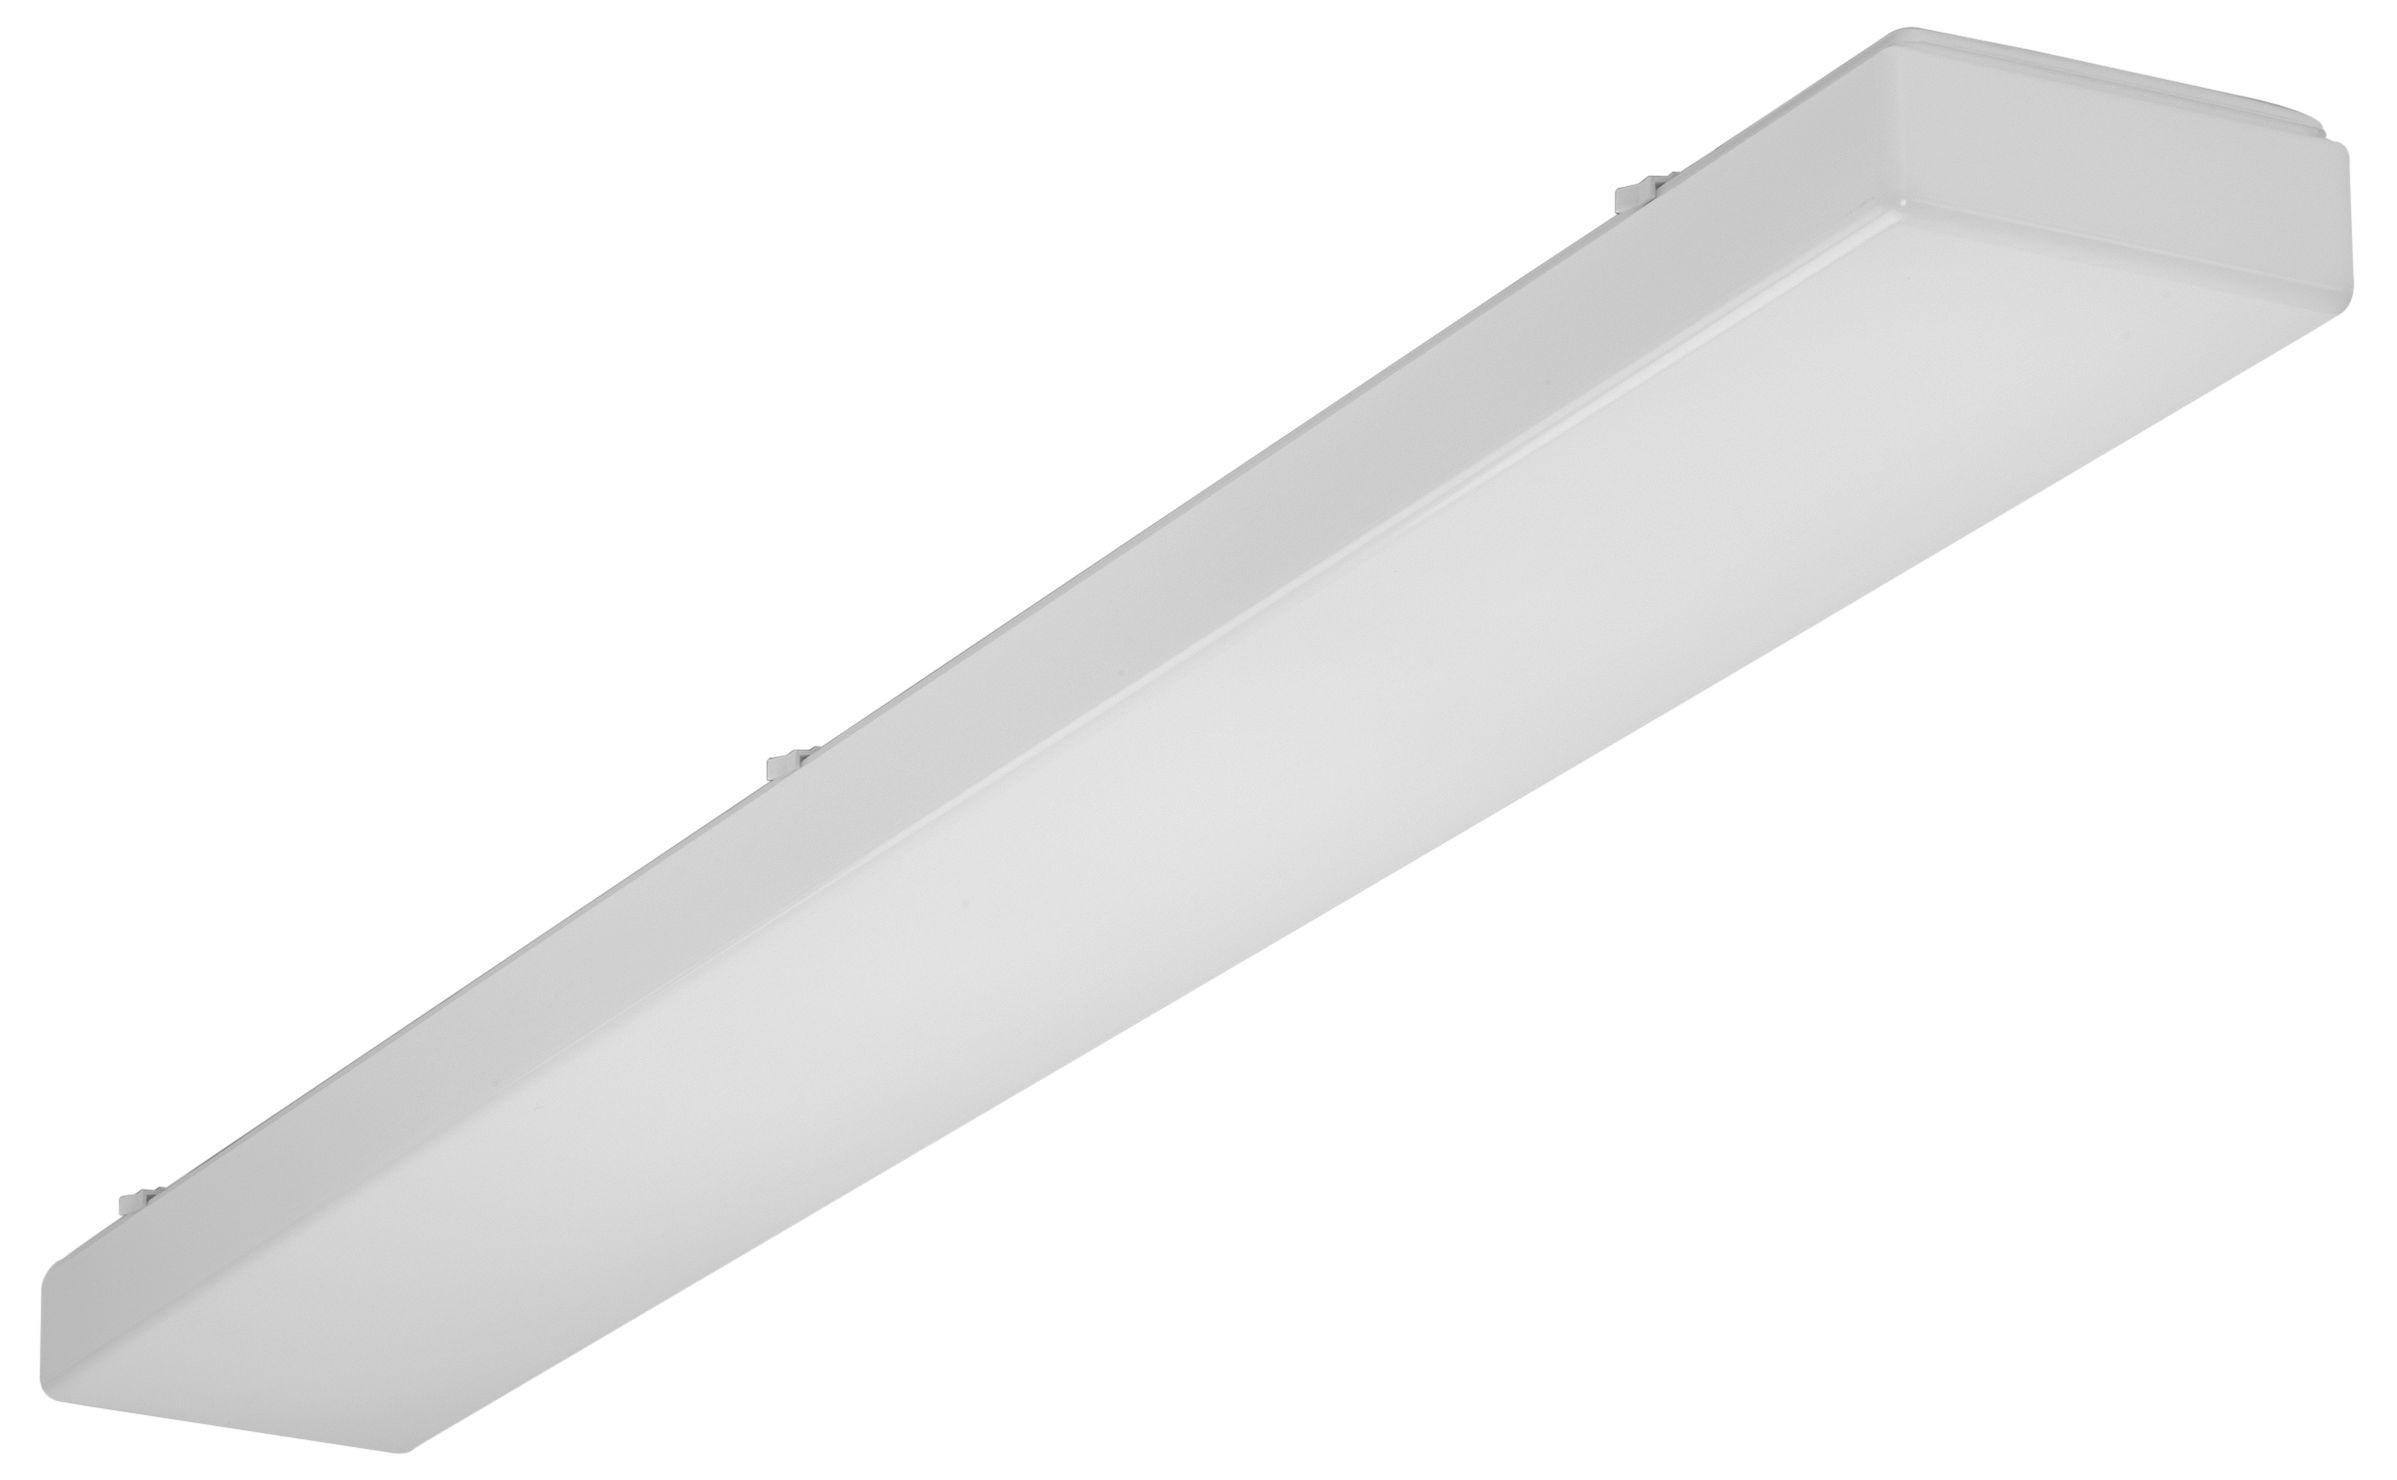 1 Stk AOTF-O T8 Wannenleuchte, 2x36W, EVG, IP50, acryl, opal, Weiß LI71261562